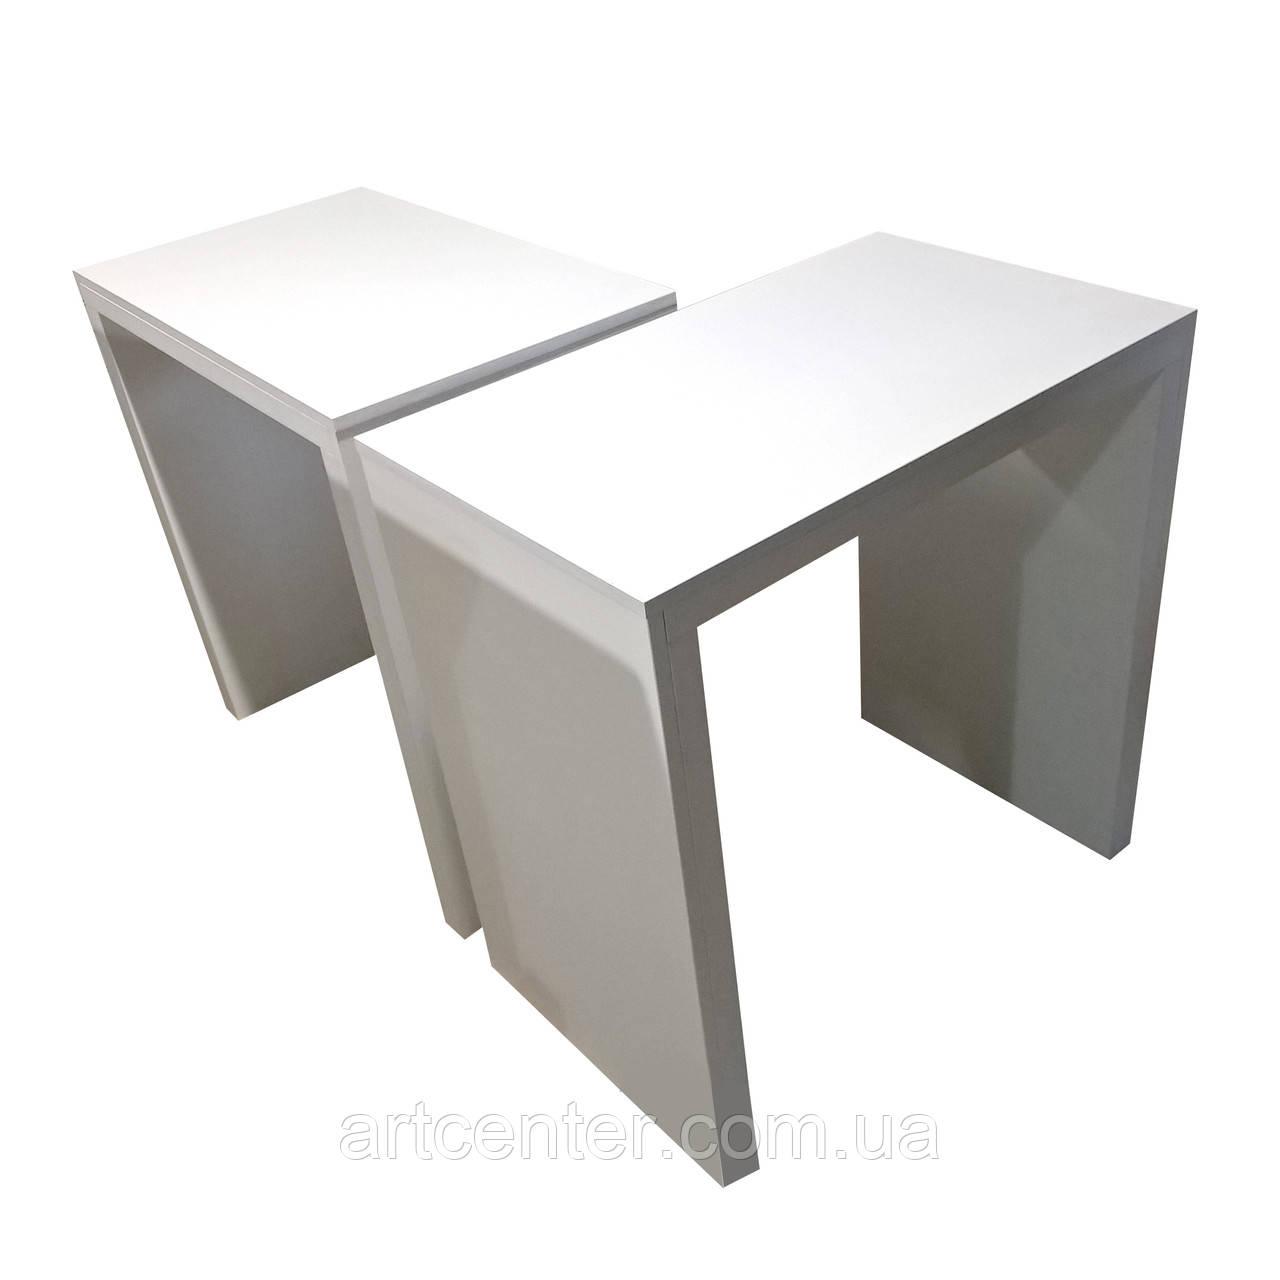 Маникюрный стол с утолщенной столешницей белый, стол офисный белый